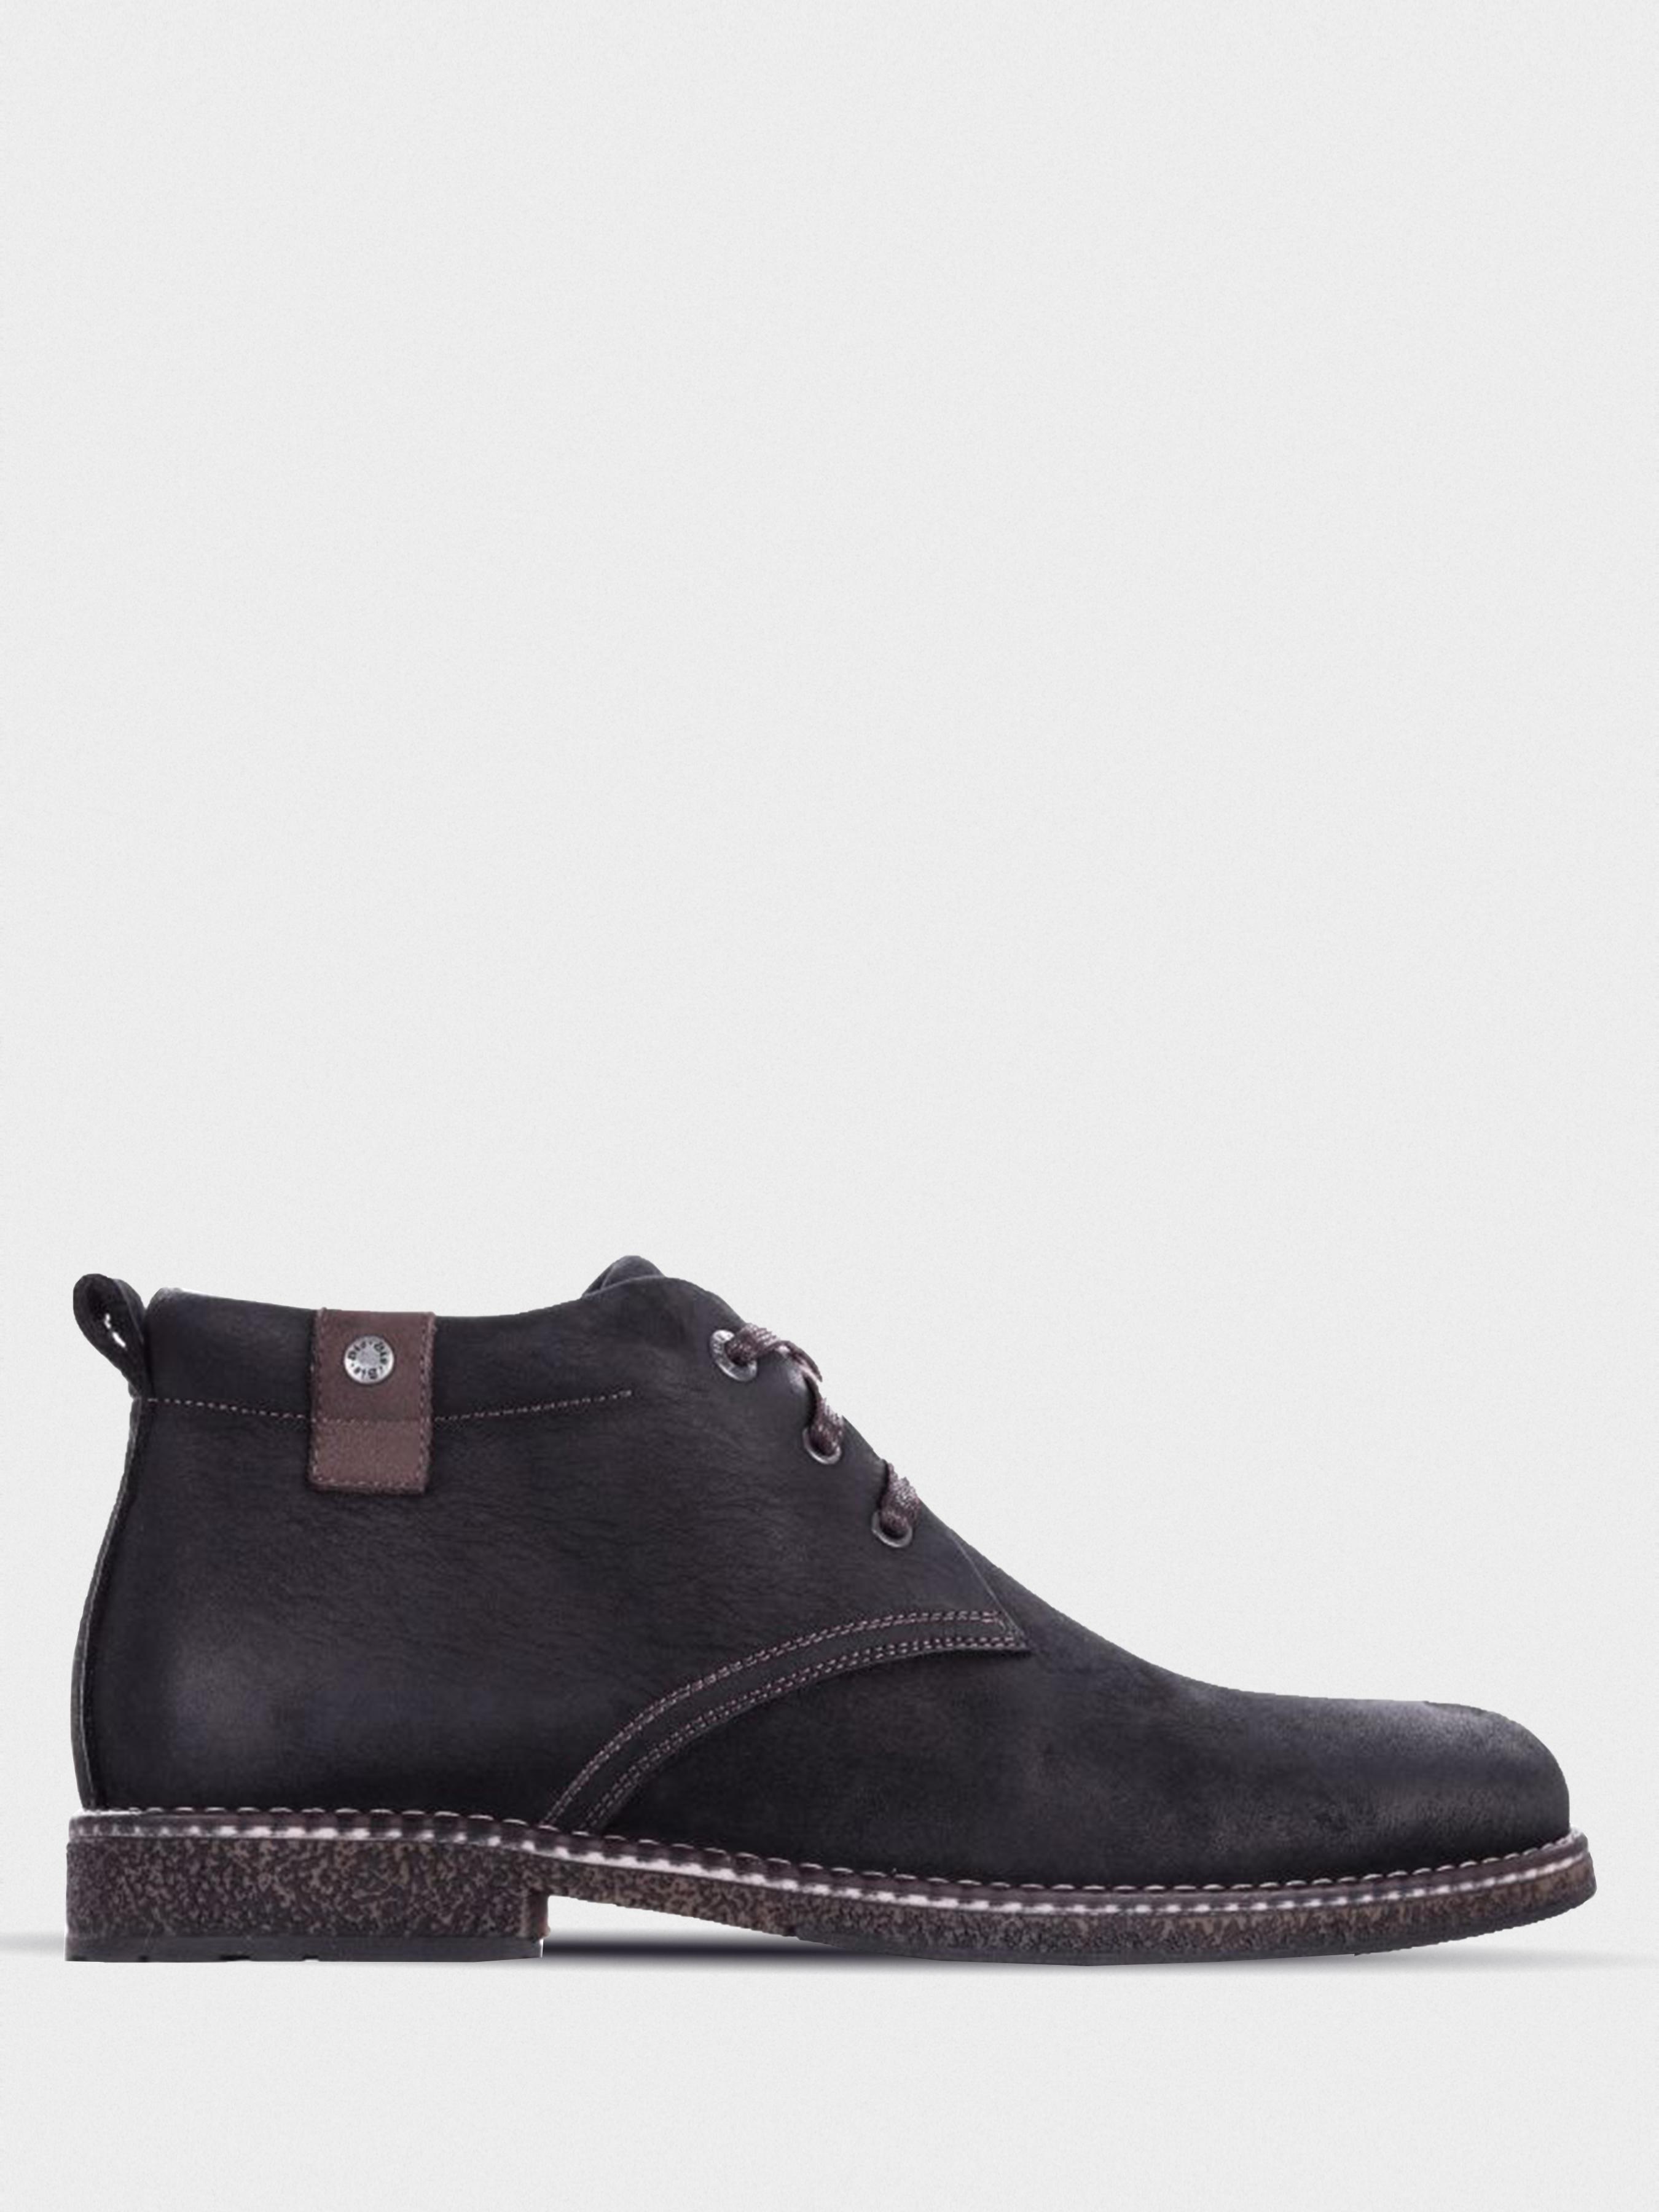 Ботинки мужские Braska 8B90 цена обуви, 2017